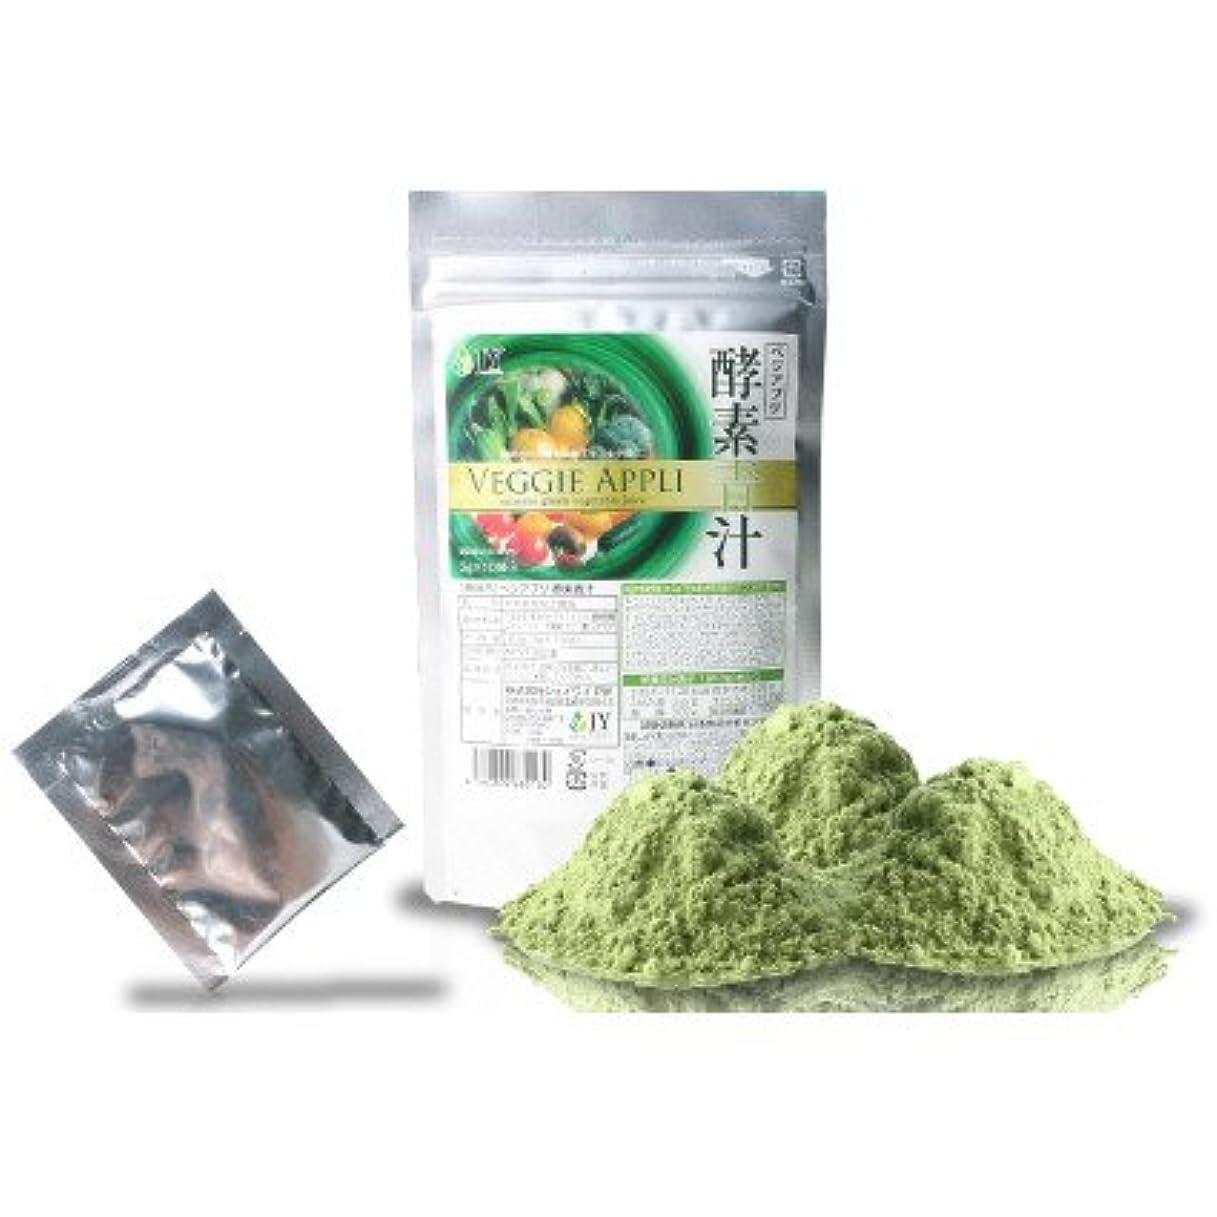 覆す可動式力強い酵素と青汁と乳酸菌、効率よくダイエットをサポート『ベジアプリ 酵素青汁 約10日間お試しサイズ10包入り』